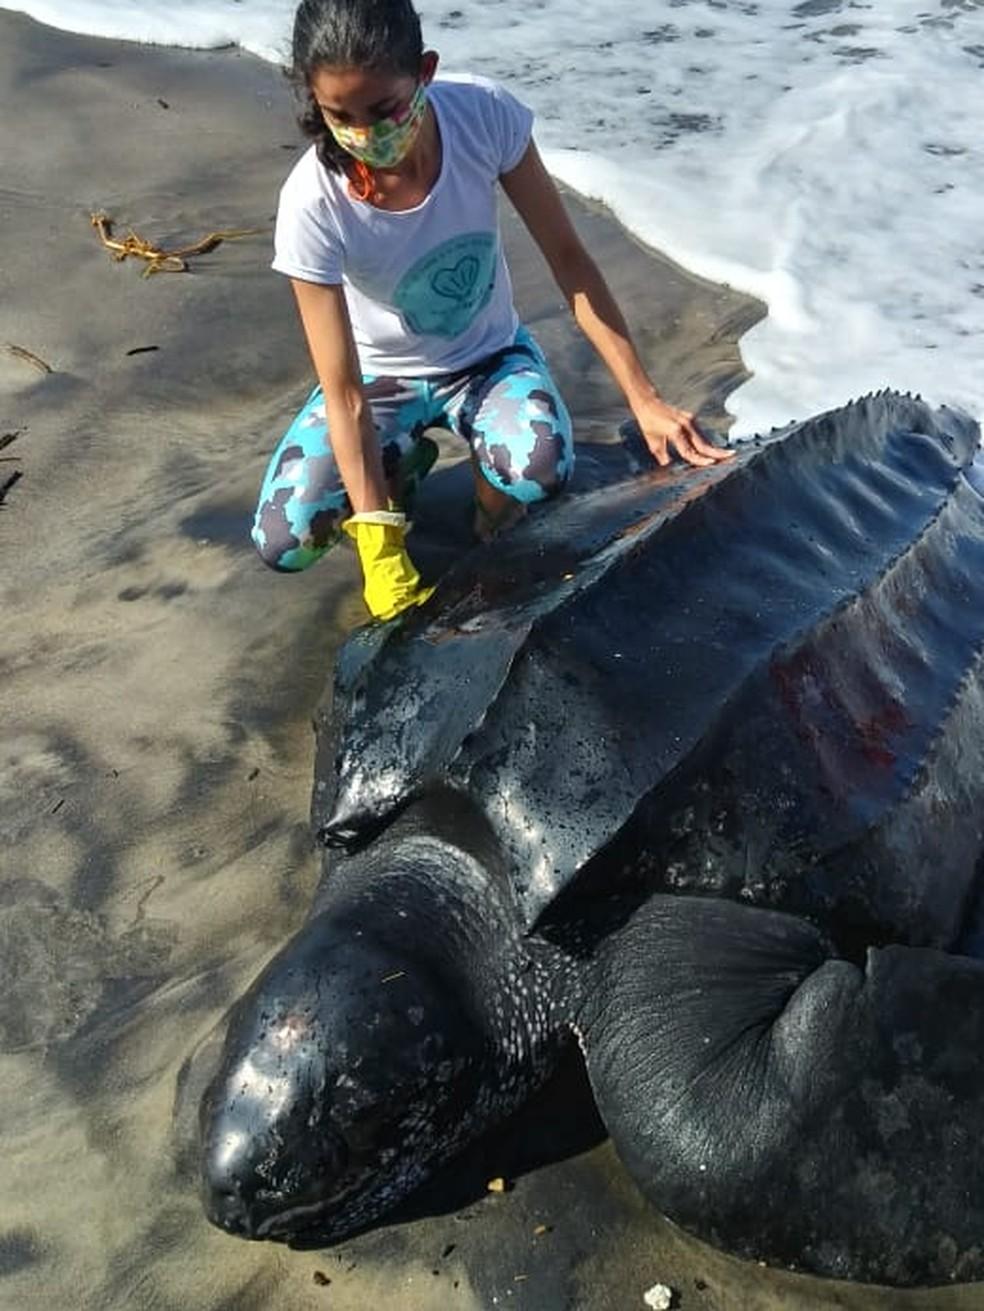 Ameaçada de extinção, tartaruga rara é encontrada encalhada em praia na Bahia  — Foto: (A)mar/Divulgação